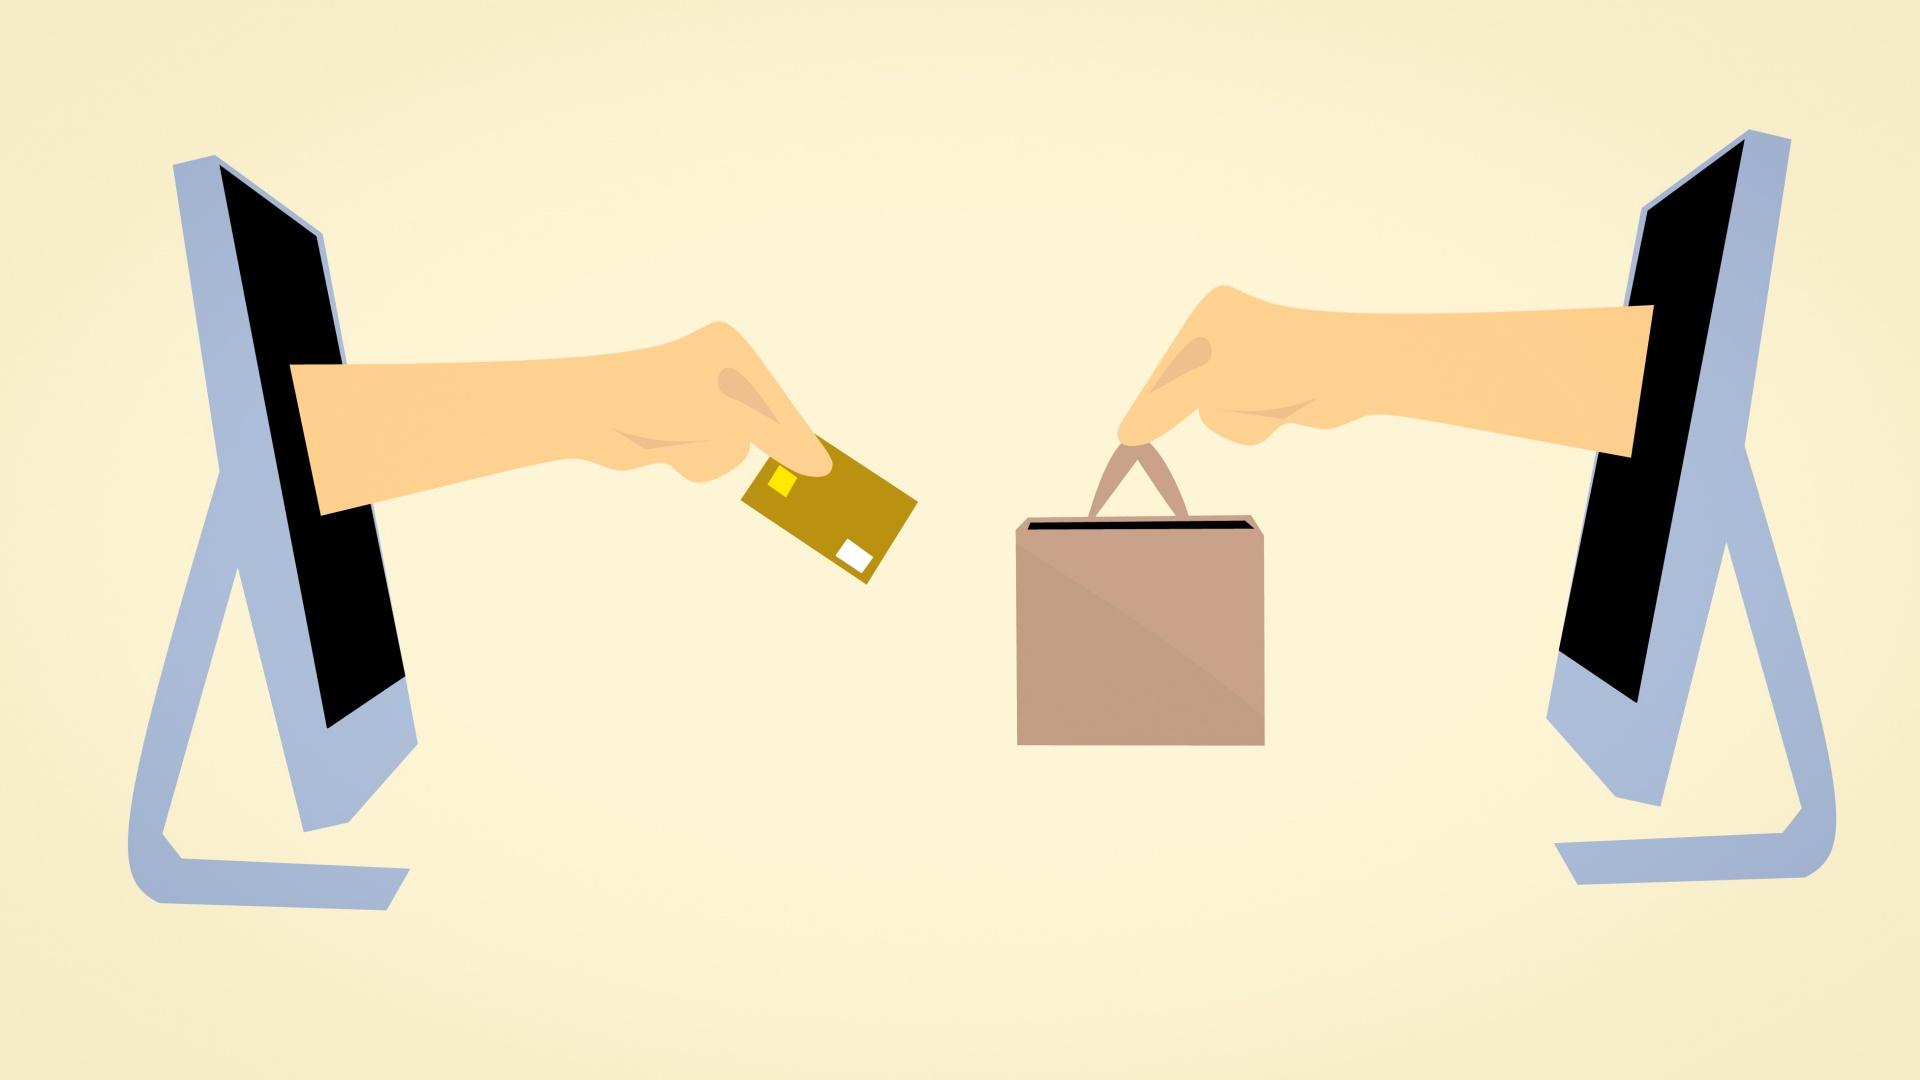 974856cf8605 Sempre più persone, di tutte le età, si affidano ad Internet per fare i  loro acquisti. Ma cosa compra in particolare la gente online?